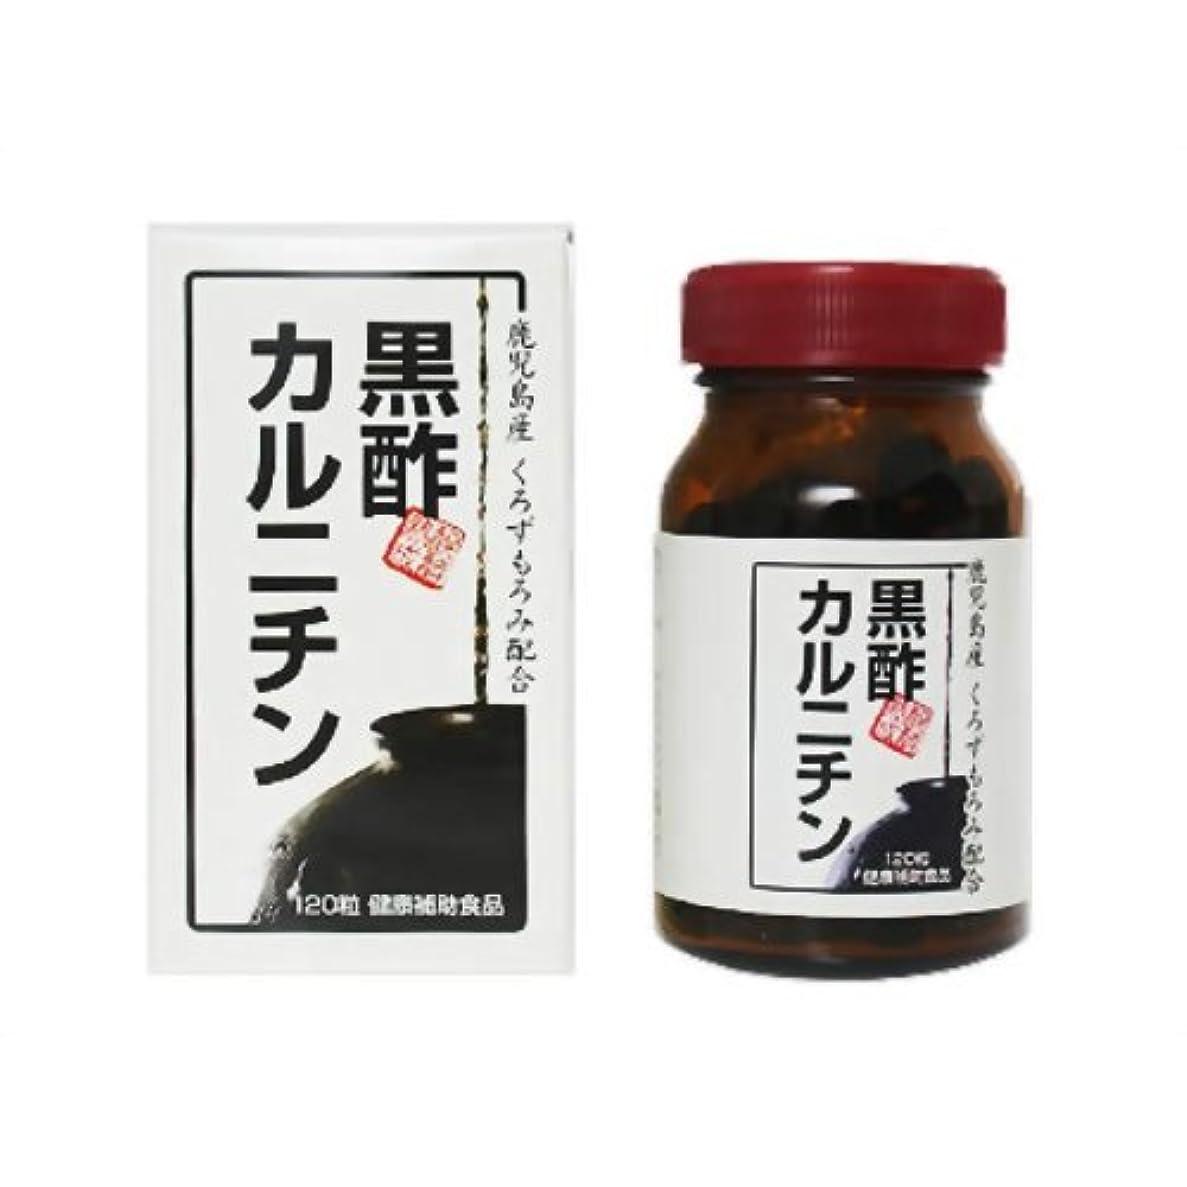 ゴシップ足音緑黒酢カルニチン 120粒